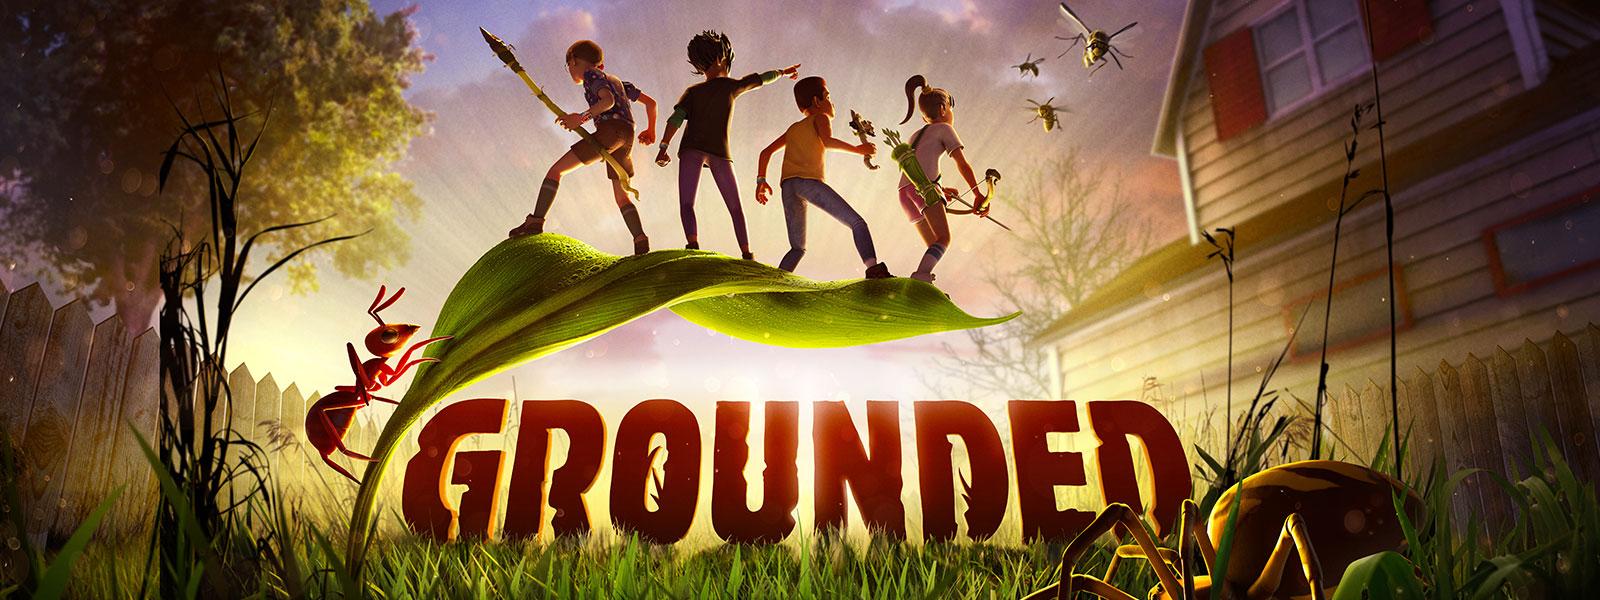 Grounded, neljä lasta seisoo pienen kasvin lehdellä hämähäkki kiivetessä heitä kohti vartta pitkin